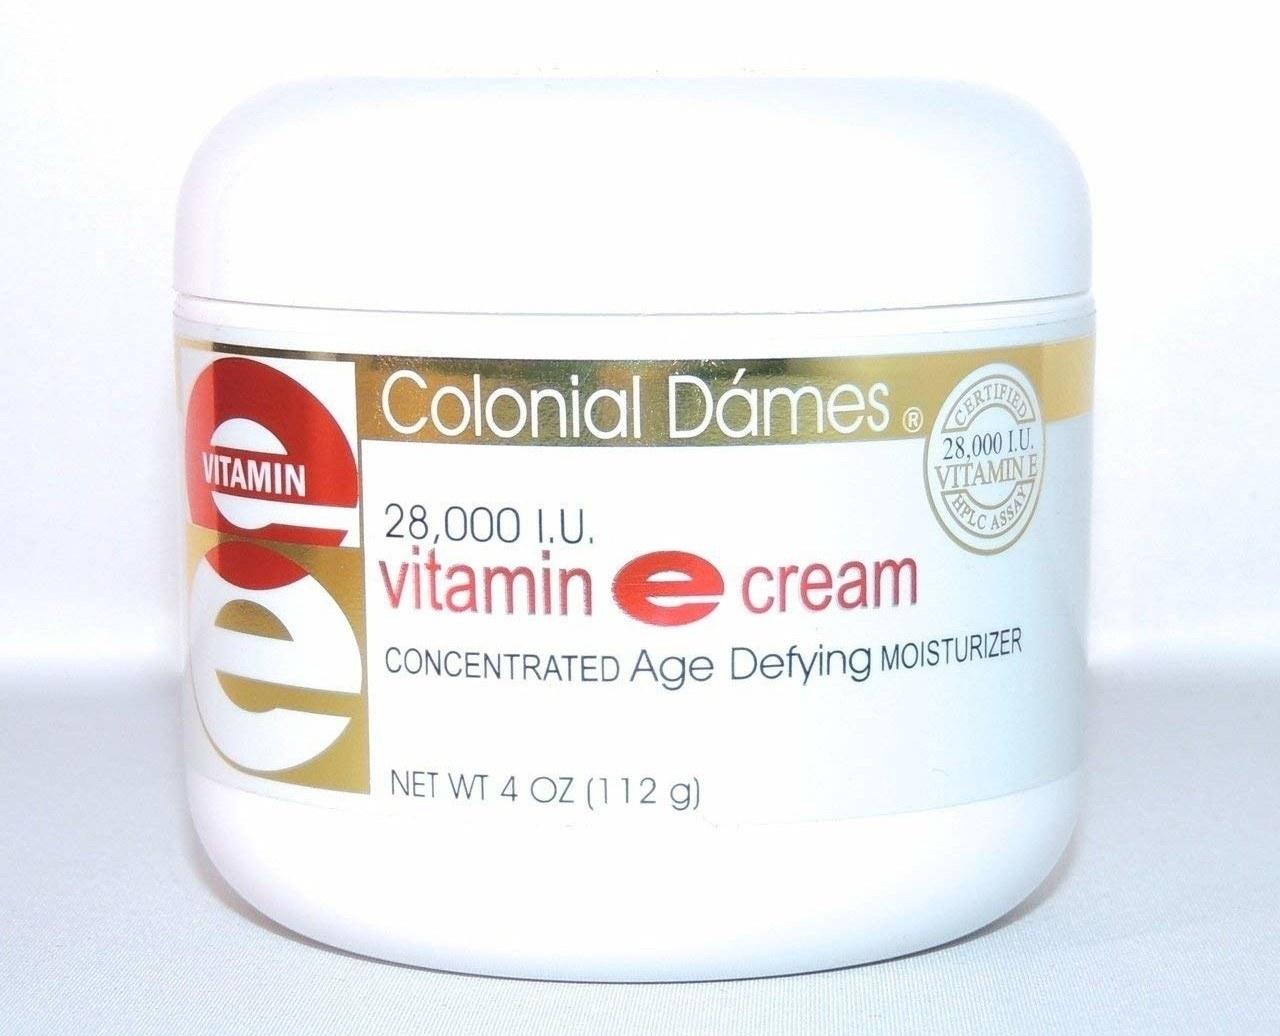 Jar of Colonial Dames vitamin e cream